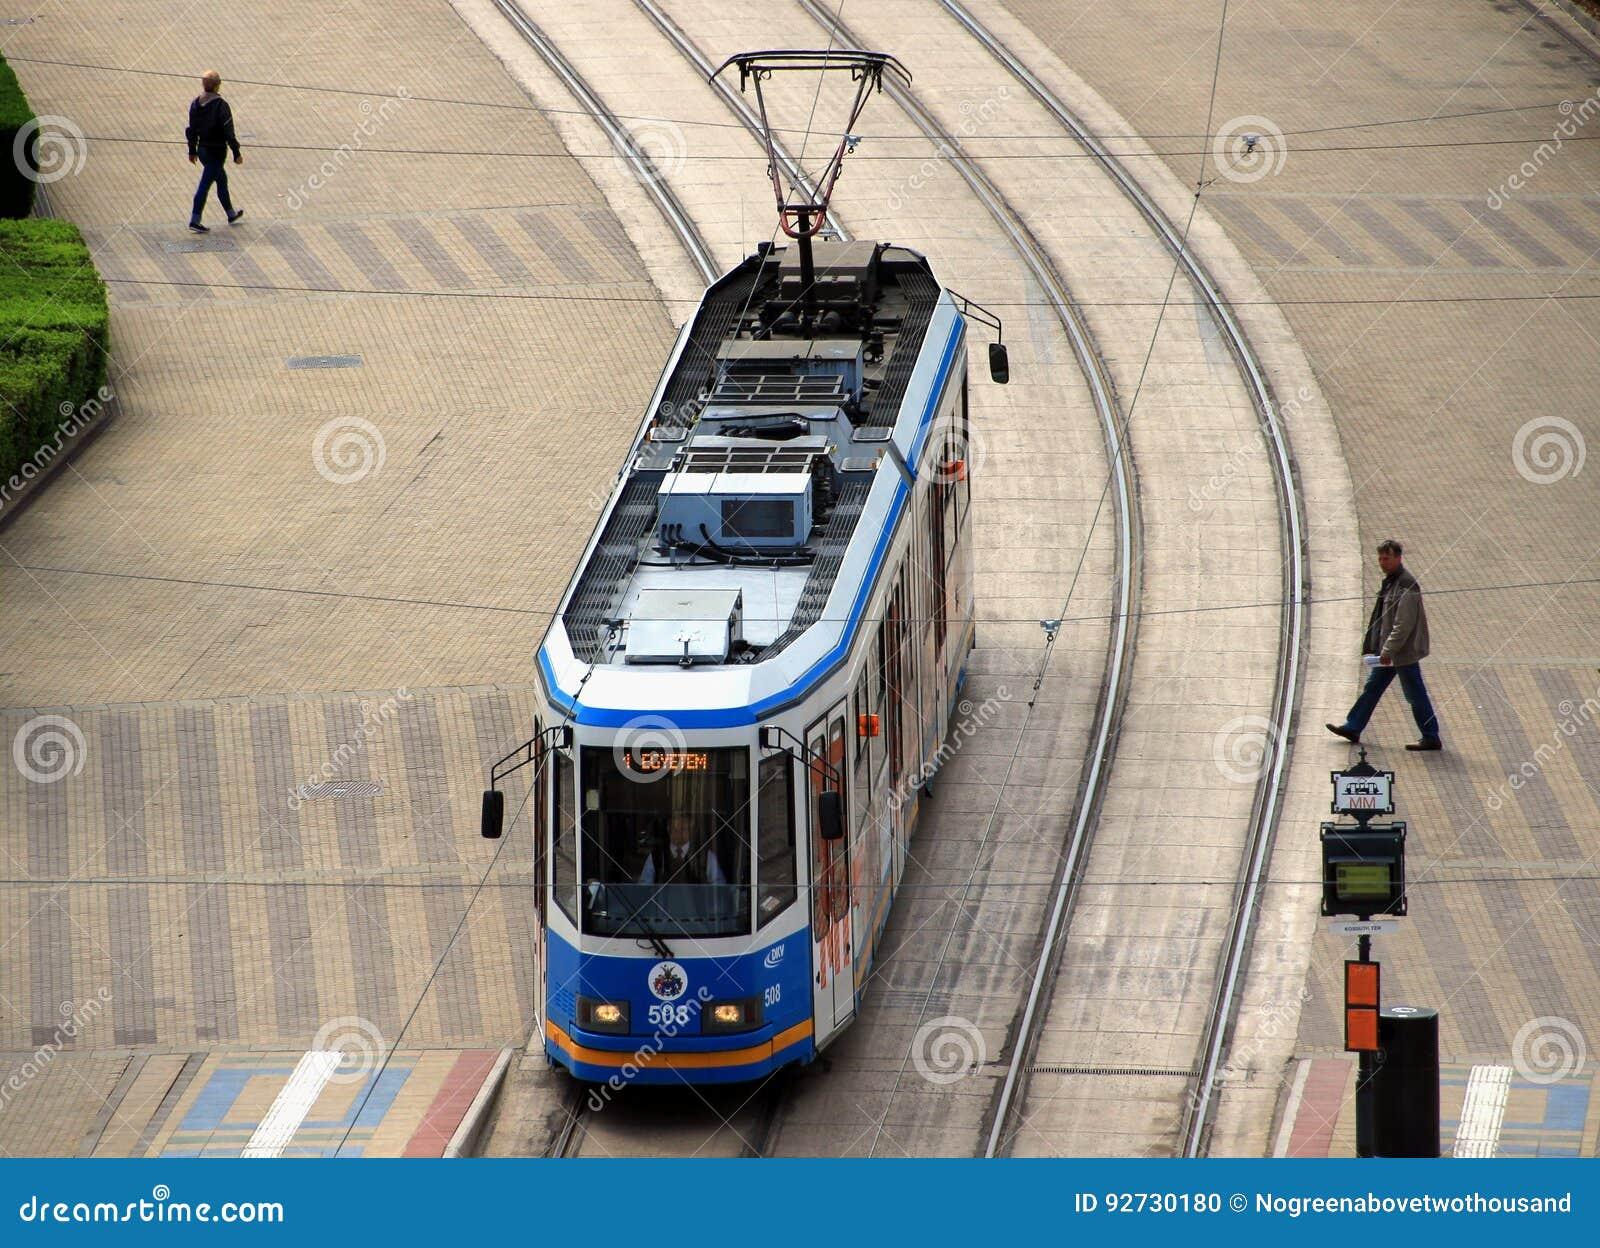 Tram moderno di Ganz a Debrecen, Ungheria